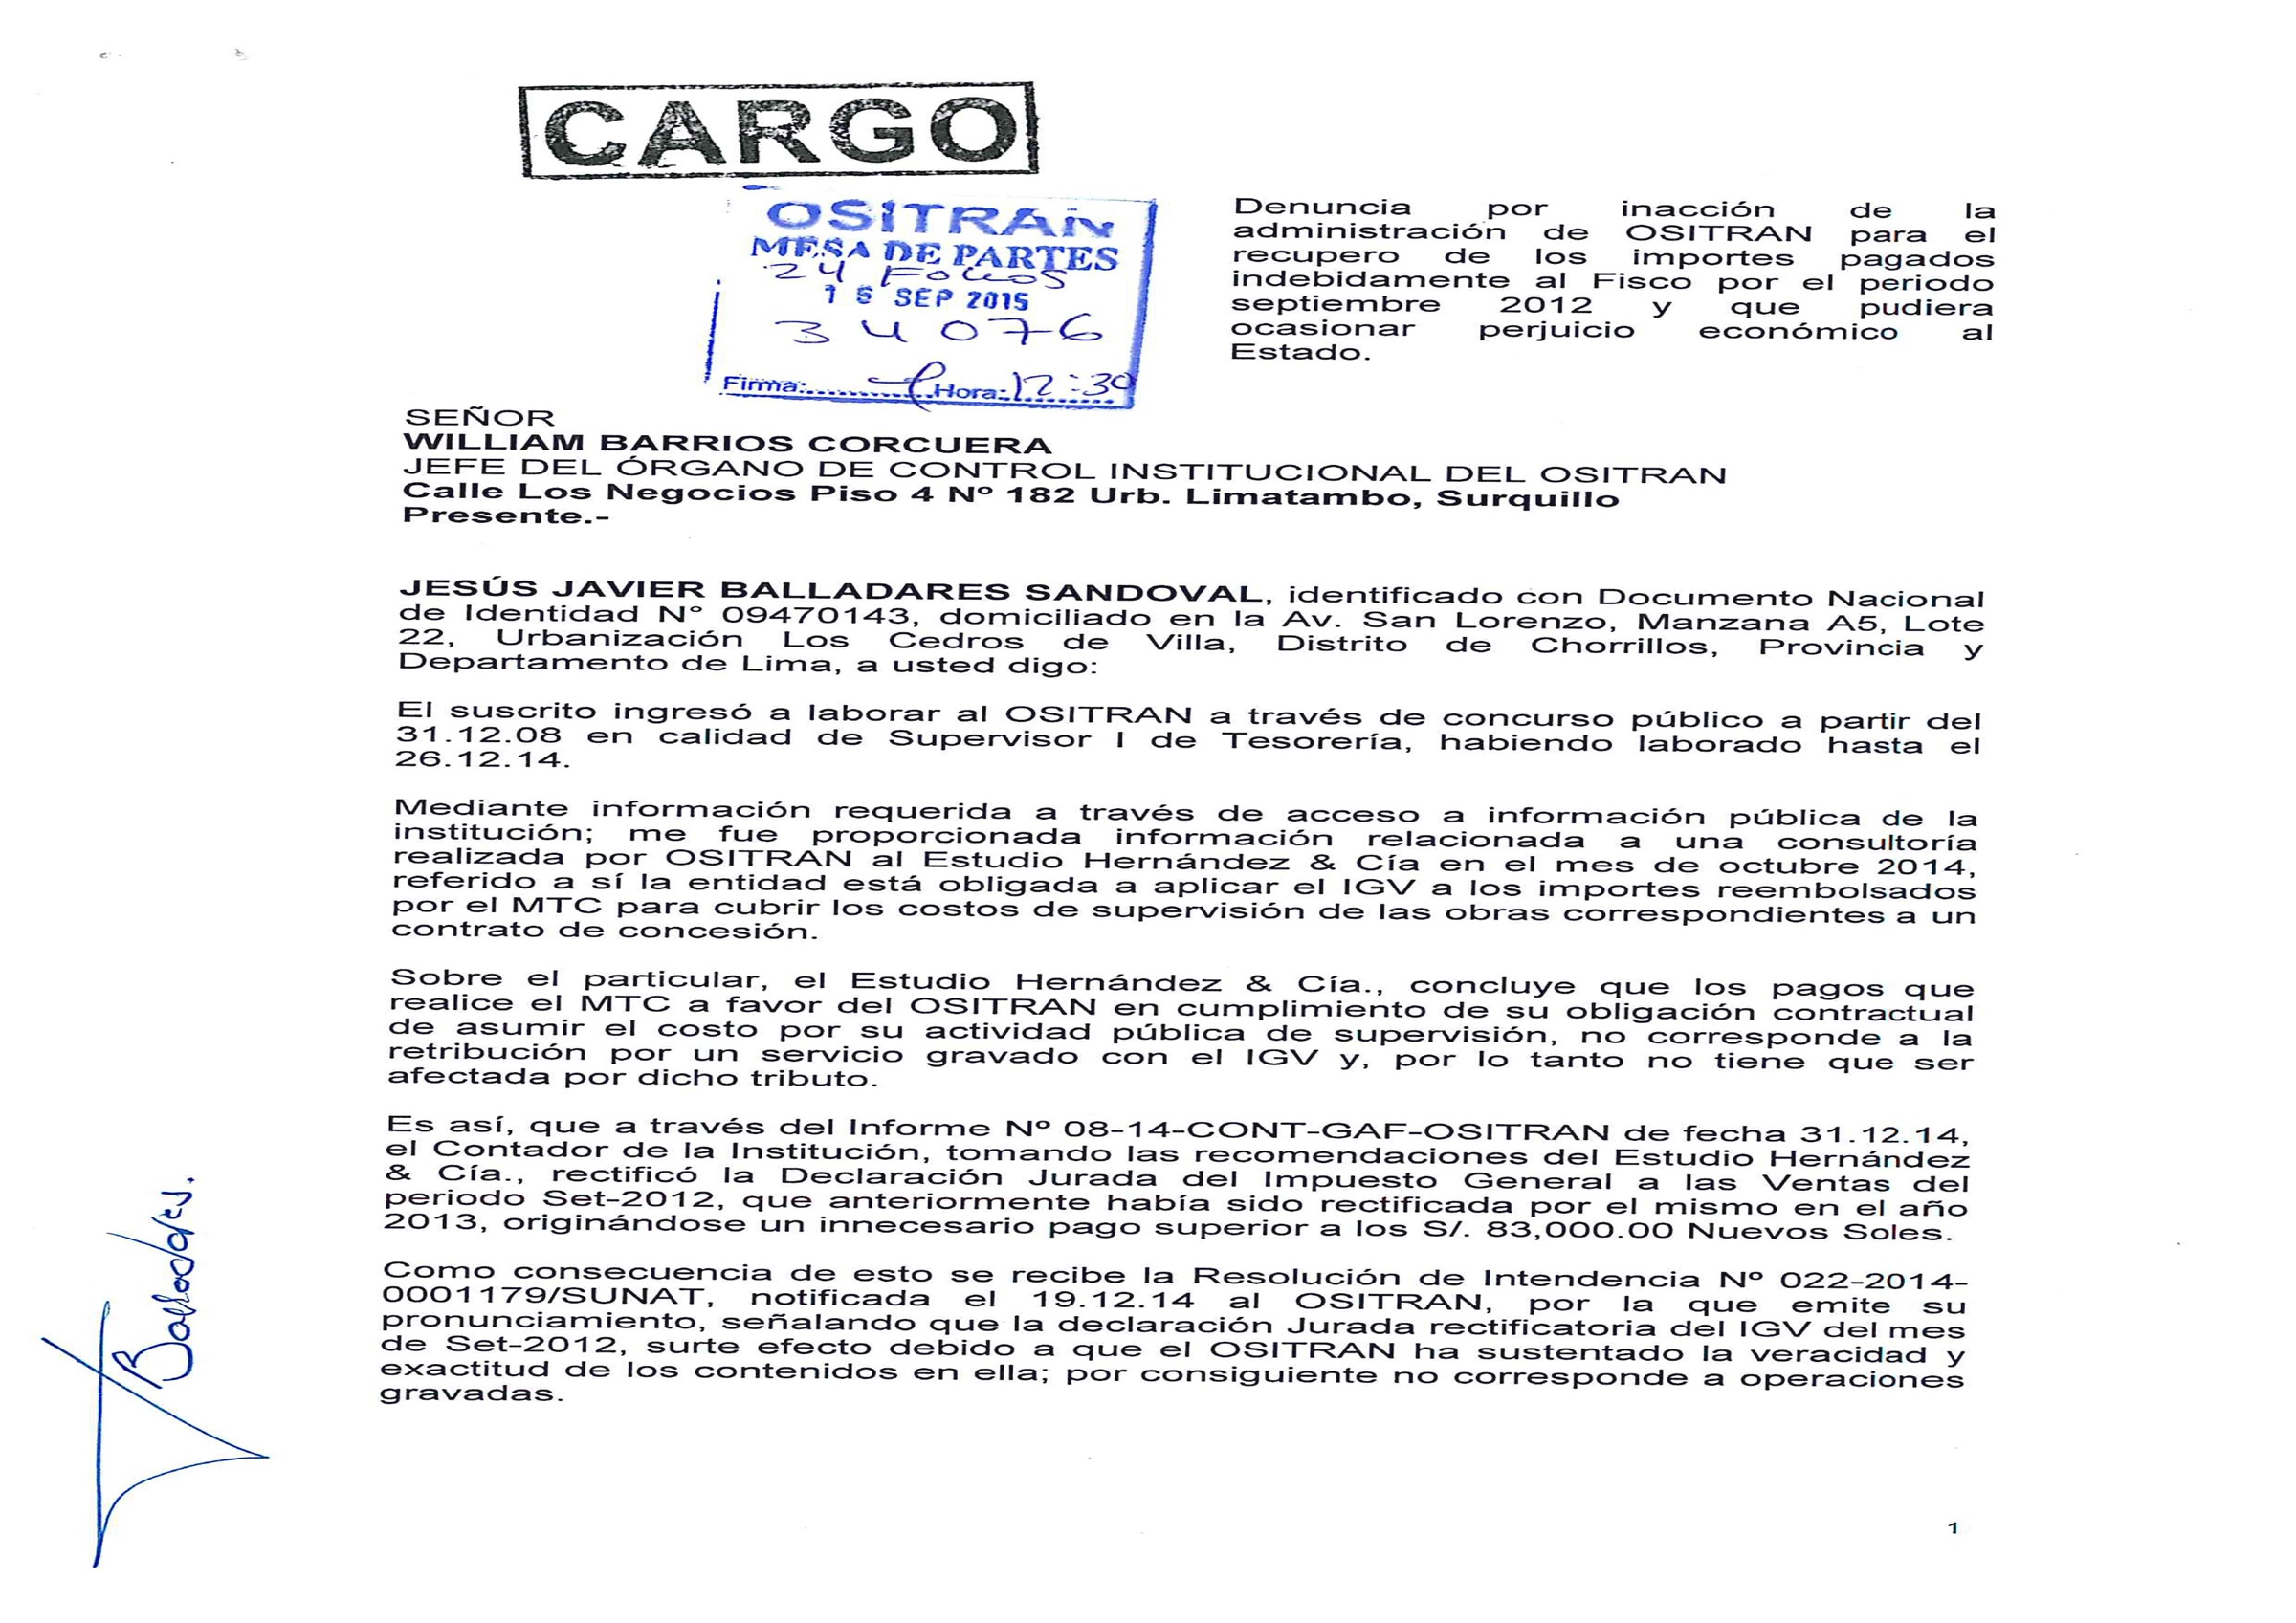 OSITRAN: ¡nueva denuncia y sigue despelote!, por Herbert Mujica Rojas